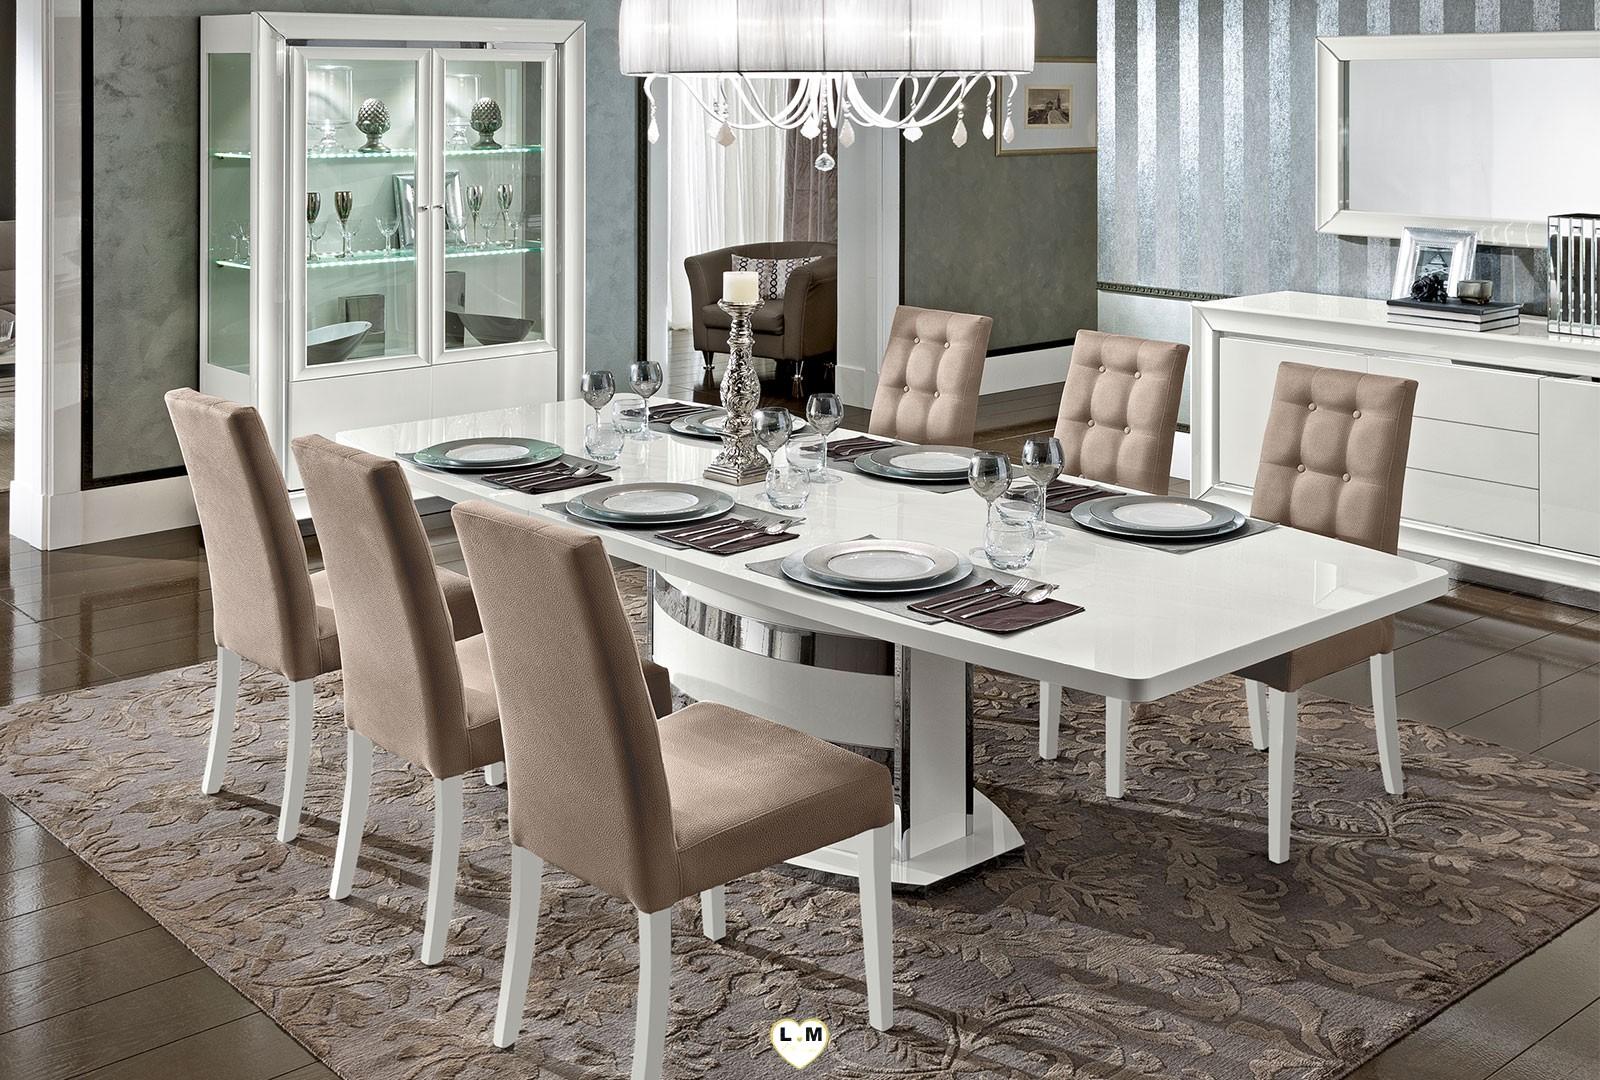 maximus laque blanc brillant sejour salle a manger contemporain la table repas rectangulaire. Black Bedroom Furniture Sets. Home Design Ideas